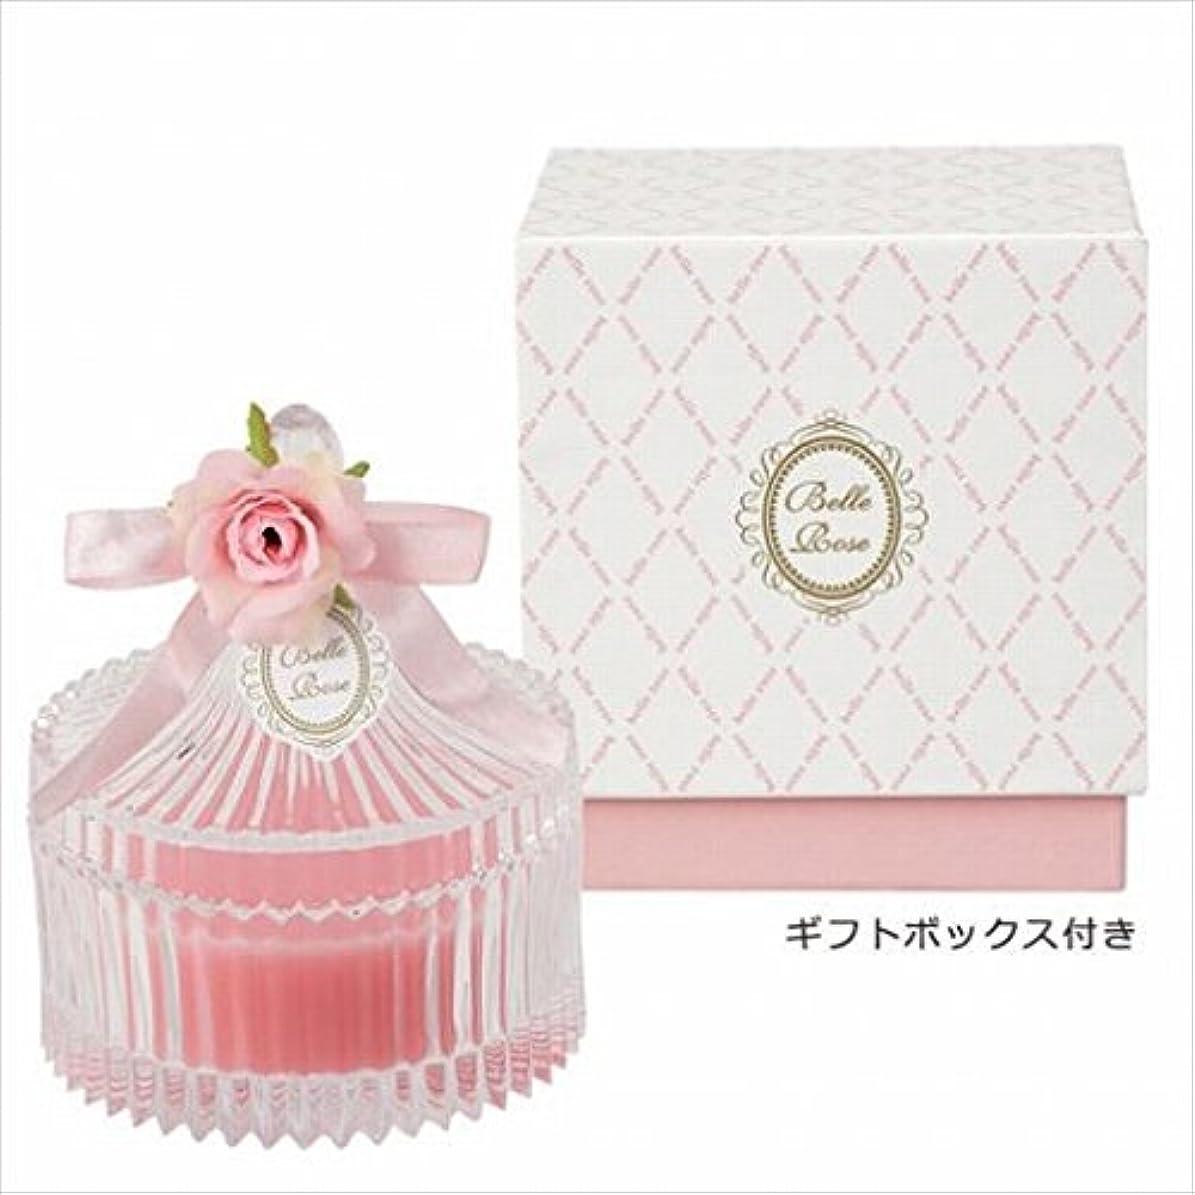 インテリアエンジニア作り上げるカメヤマキャンドル( kameyama candle ) ベルローズキャニスター 「 ピンク 」 キャンドル